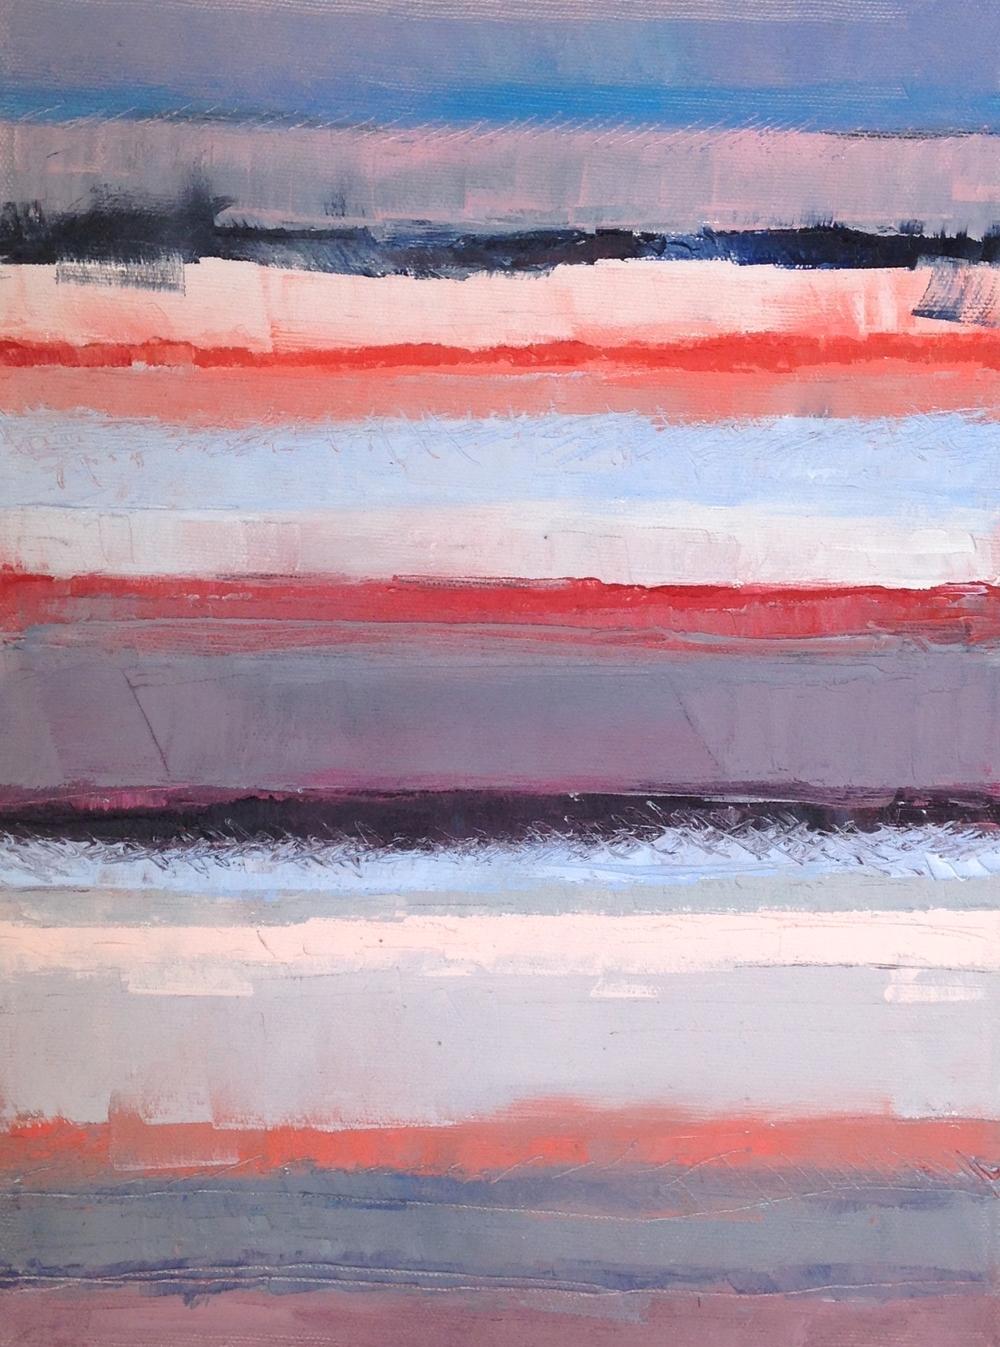 """Beach Day, oil on canvas, 8"""" x 10,"""" $175"""